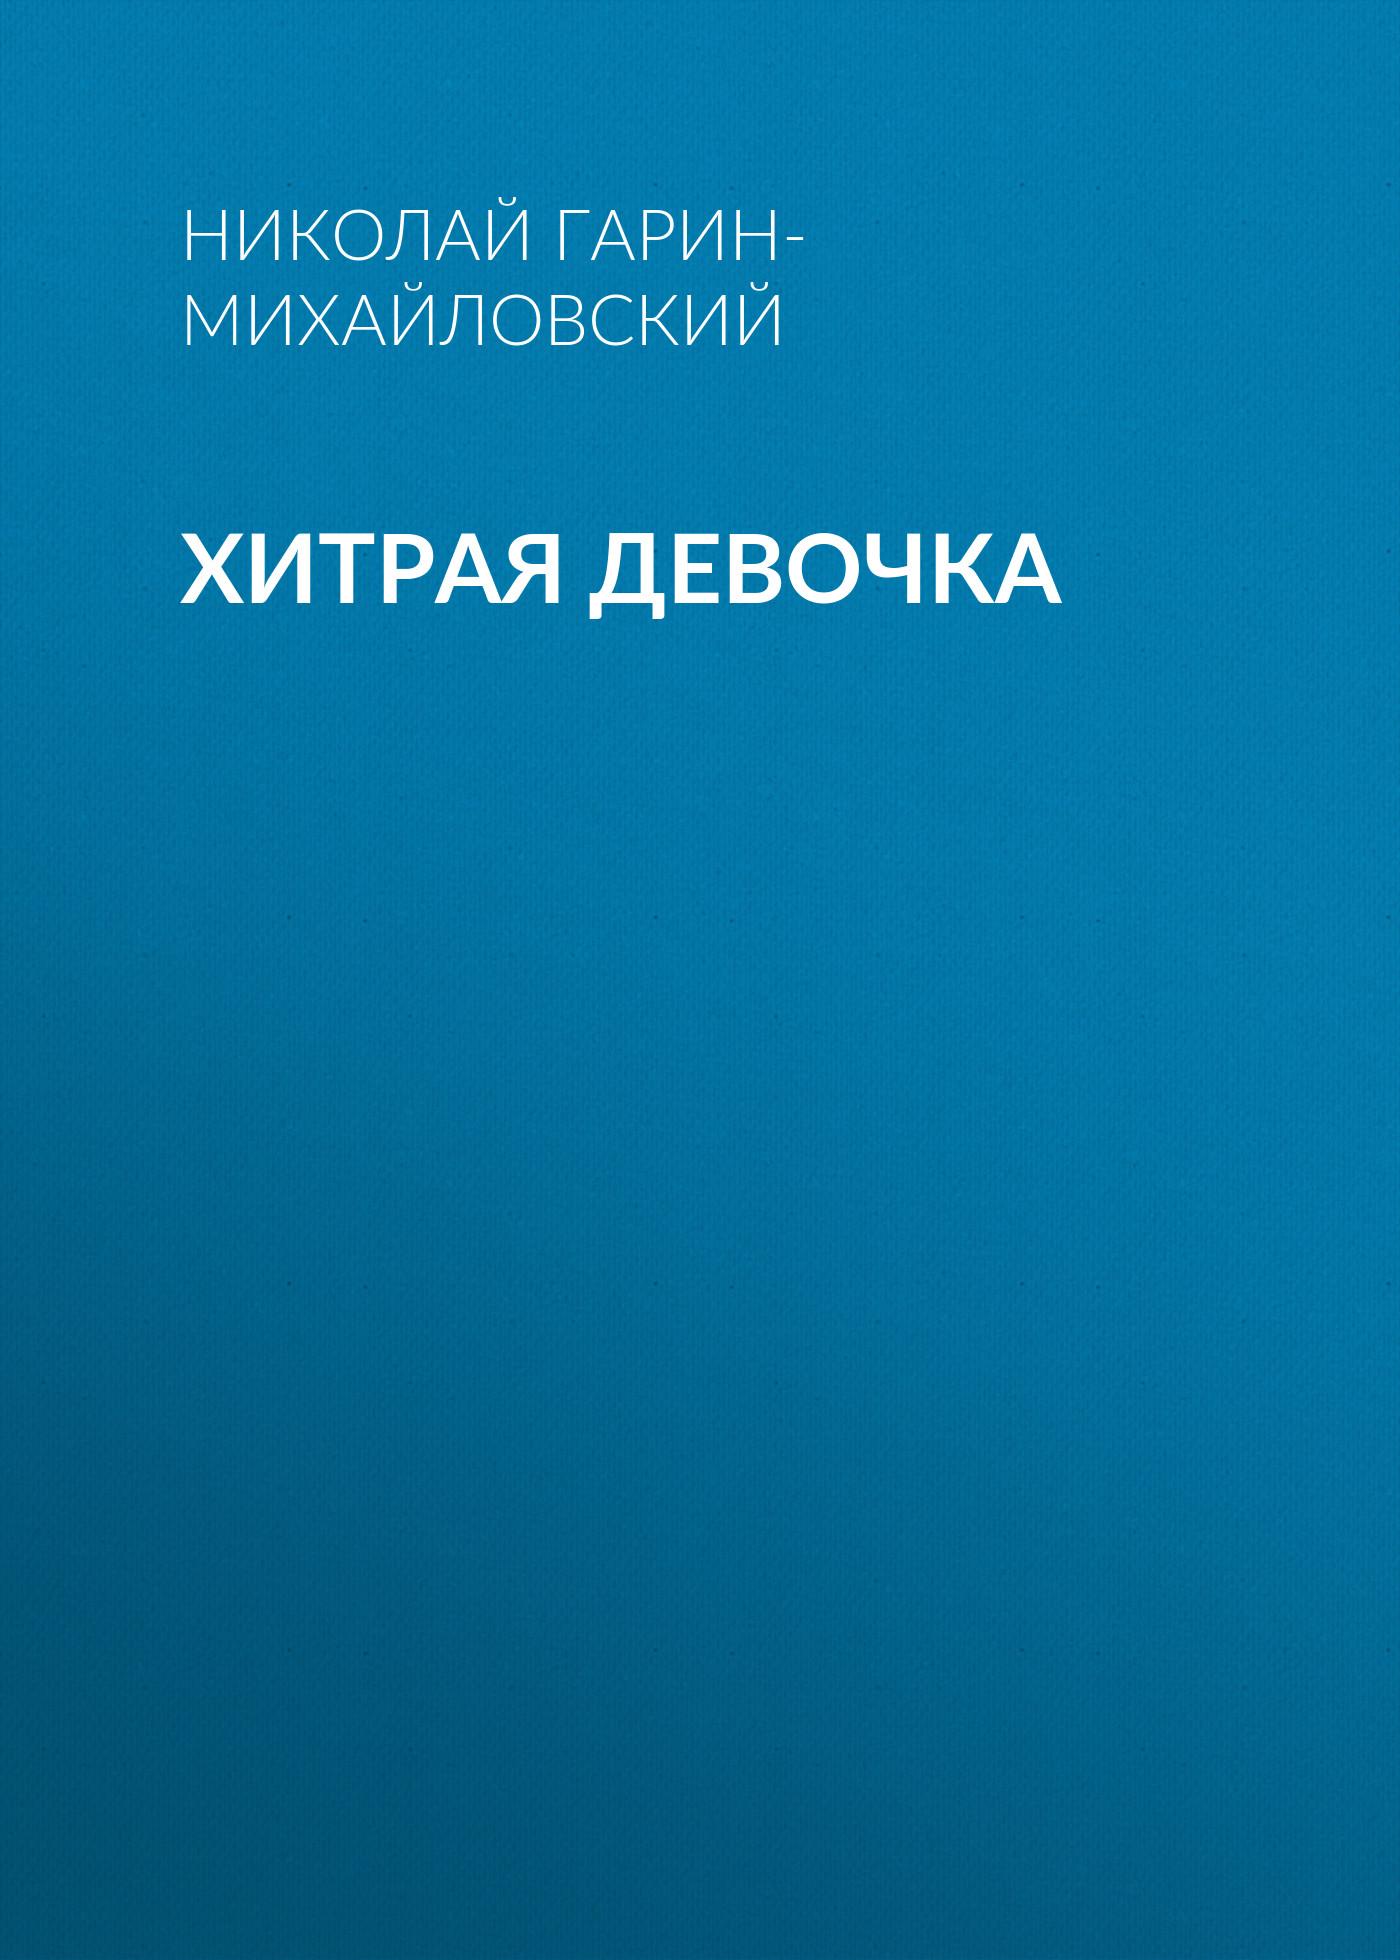 цена Николай Гарин-Михайловский Хитрая девочка